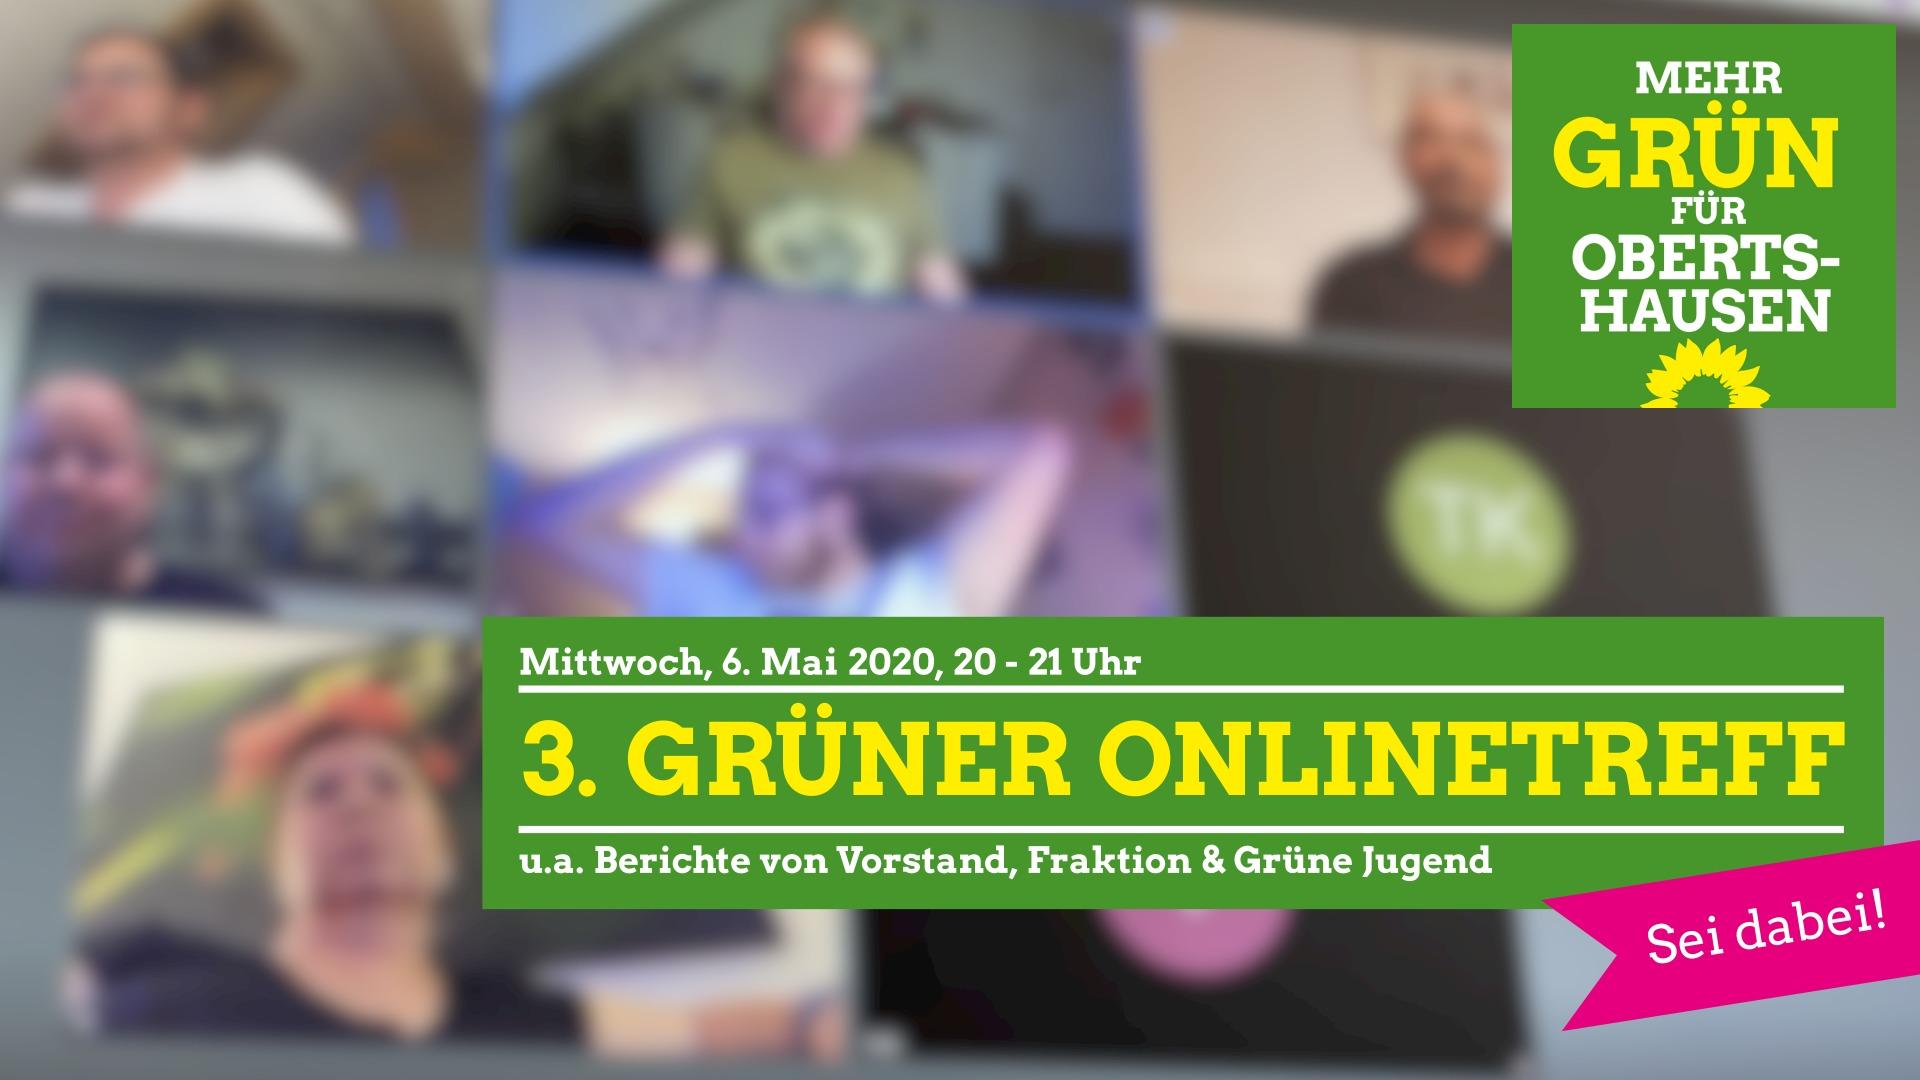 3. GRÜNER Onlinetreff